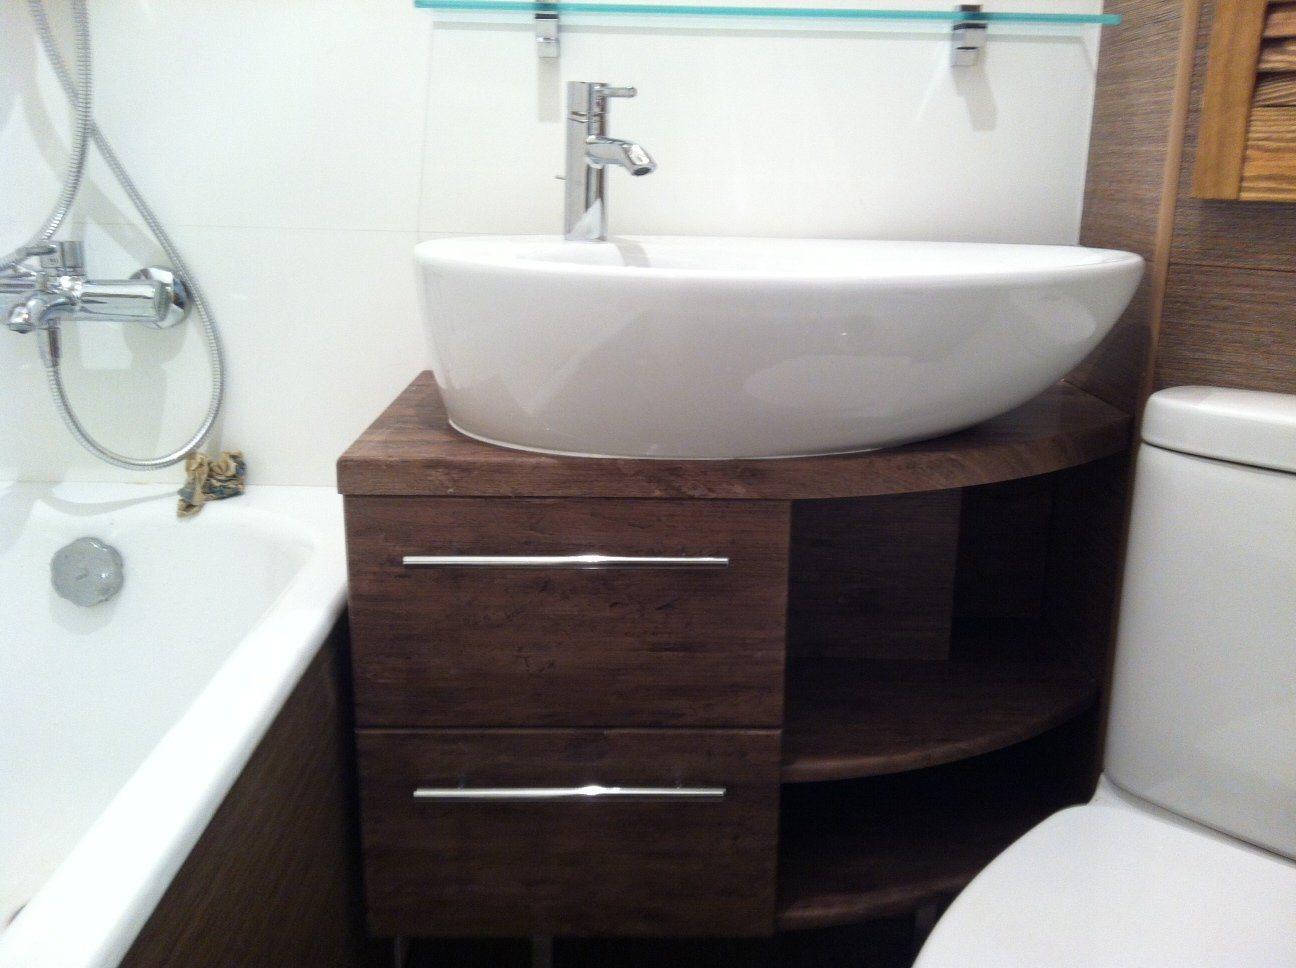 Планировка маленькой ванной комнаты | Как обустроить маленькую ванную комнату